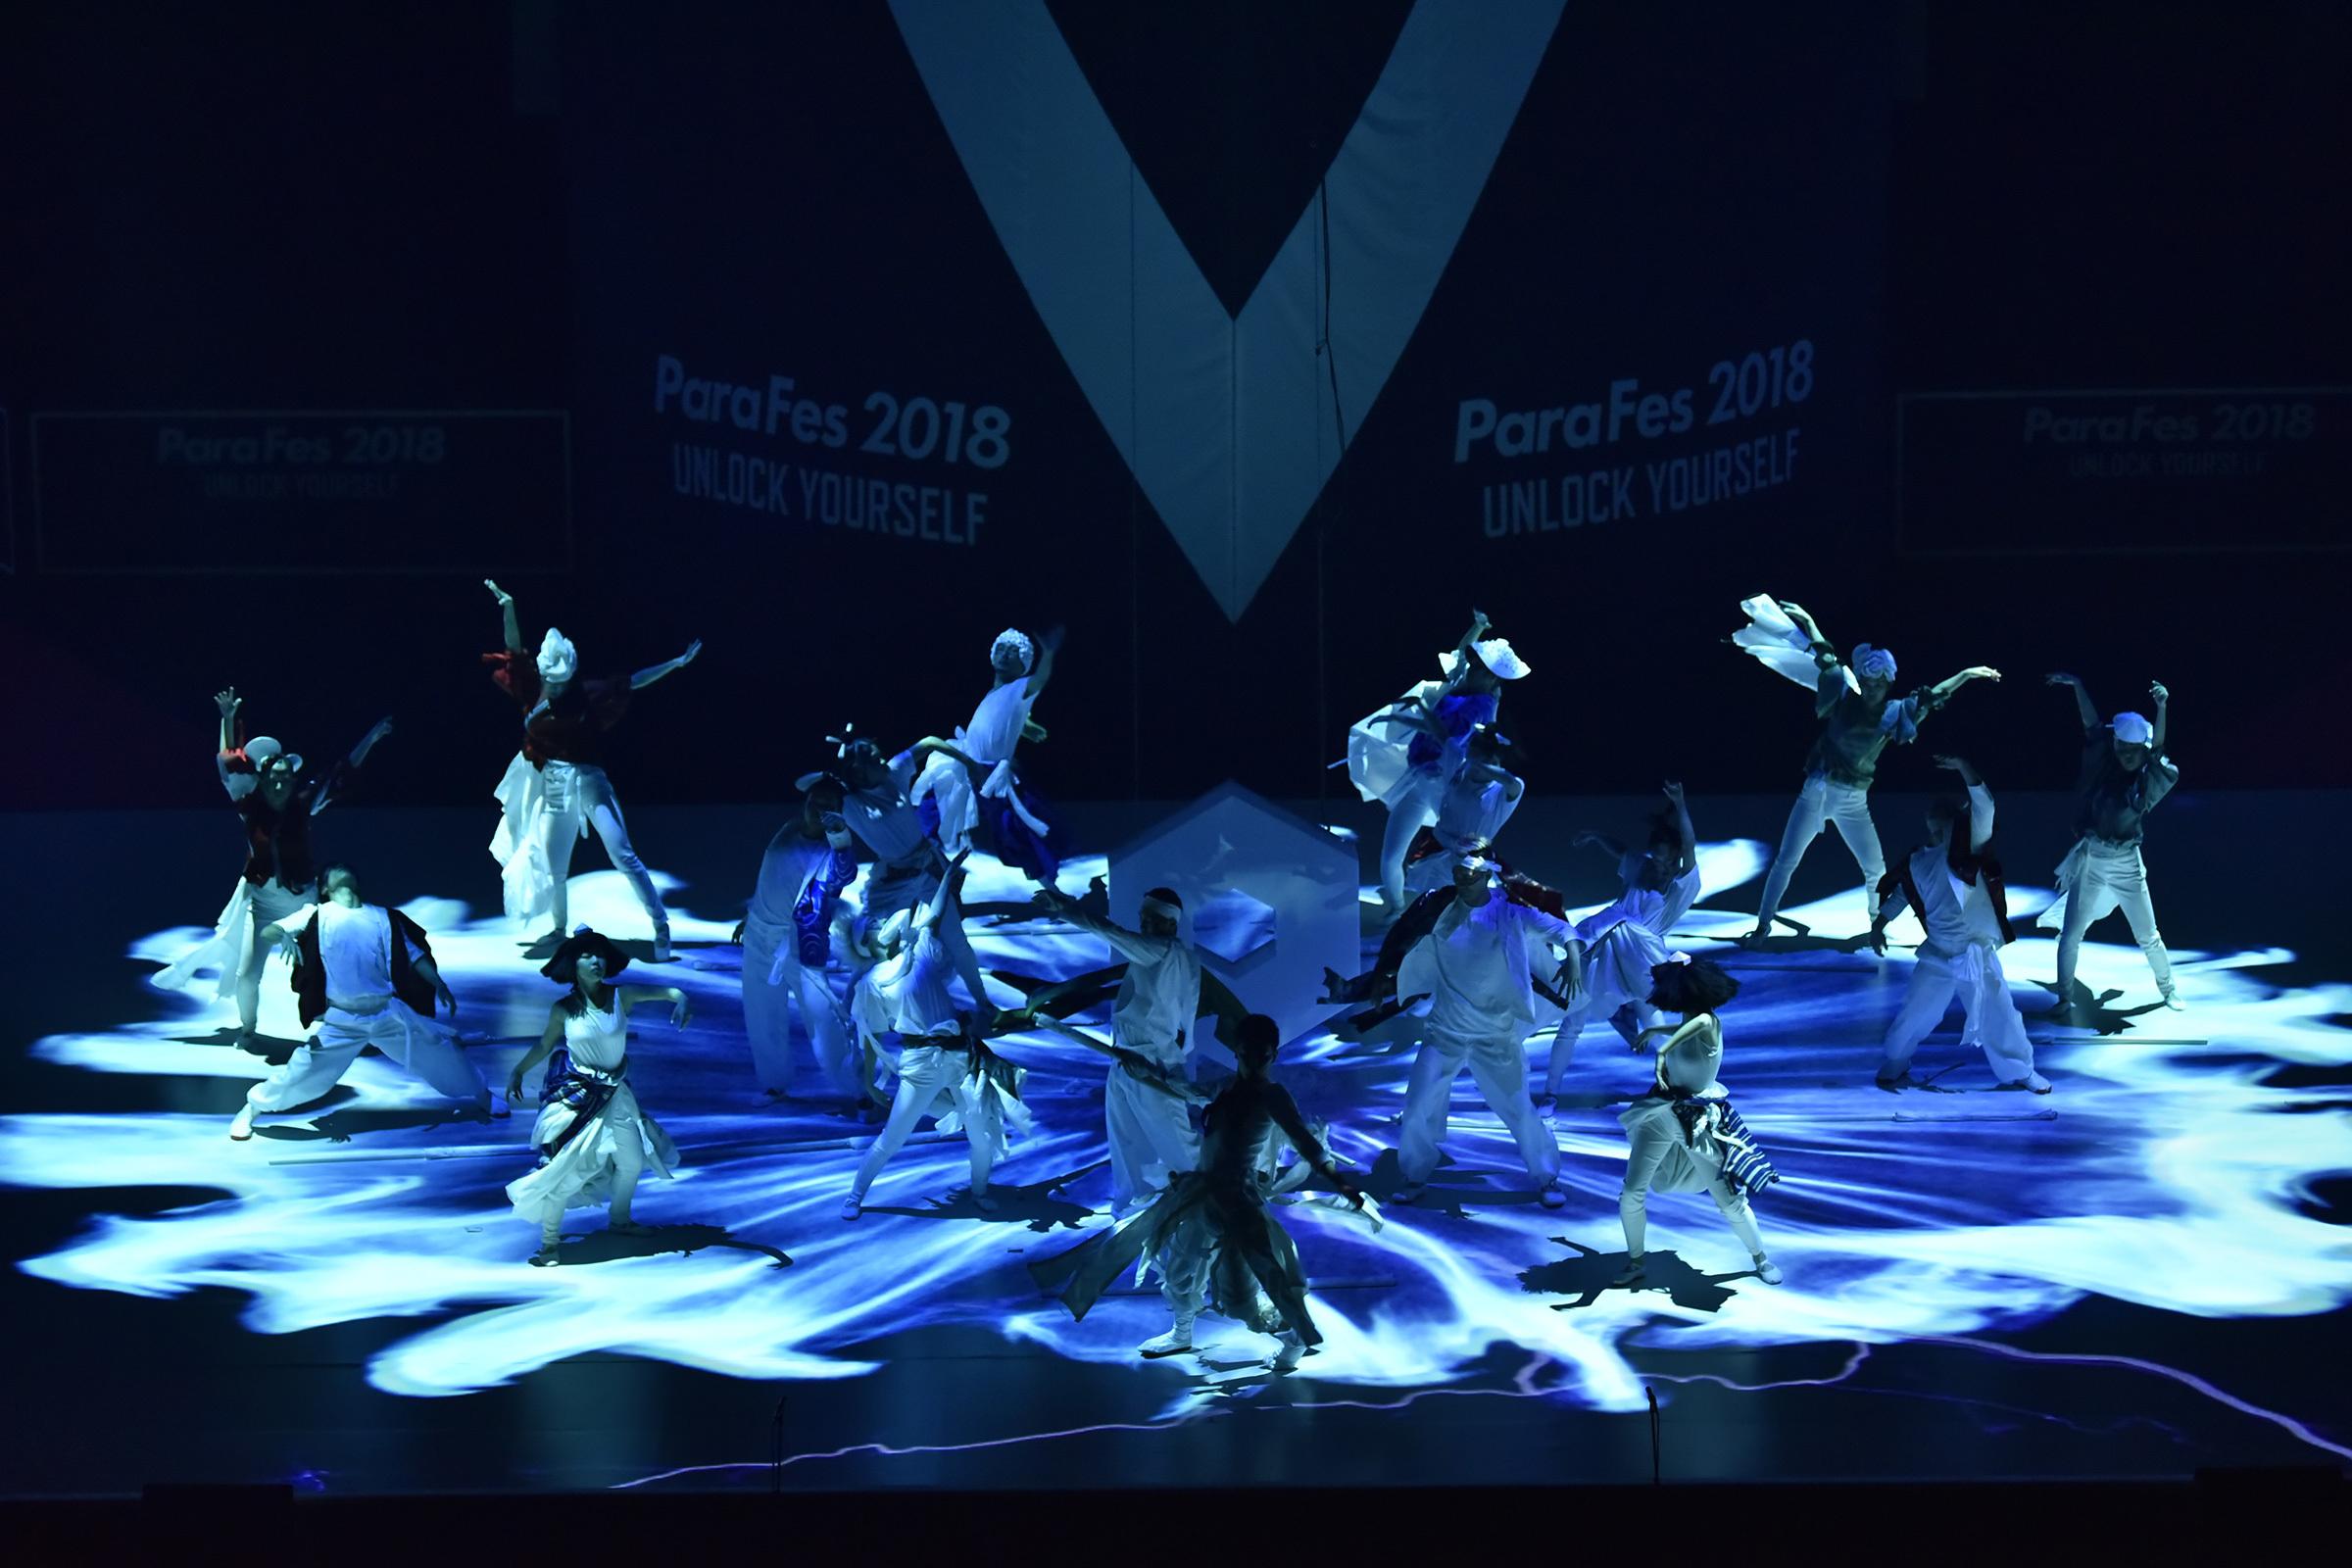 パラフェスダンサーズによるオープニングパフォーマンス